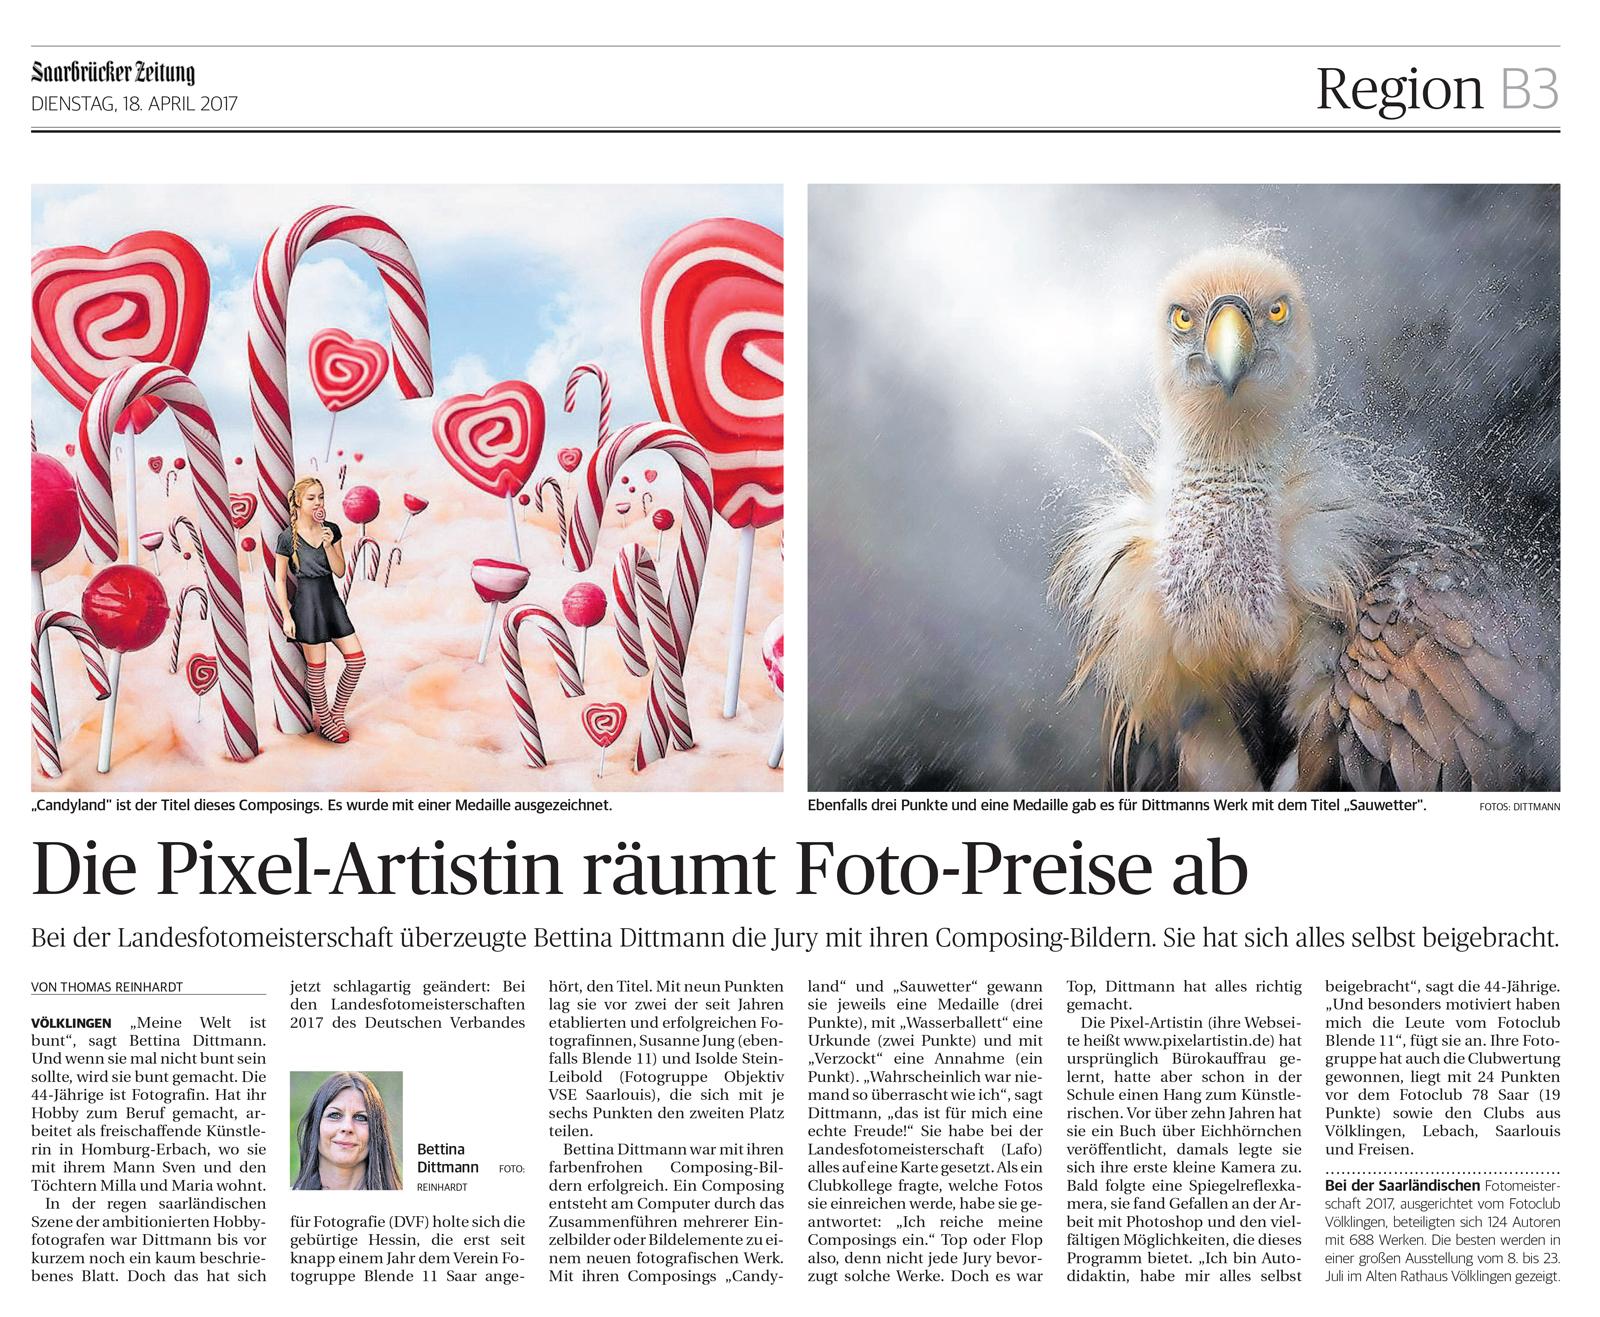 Saarbrücker Zeitung 18.04.2017